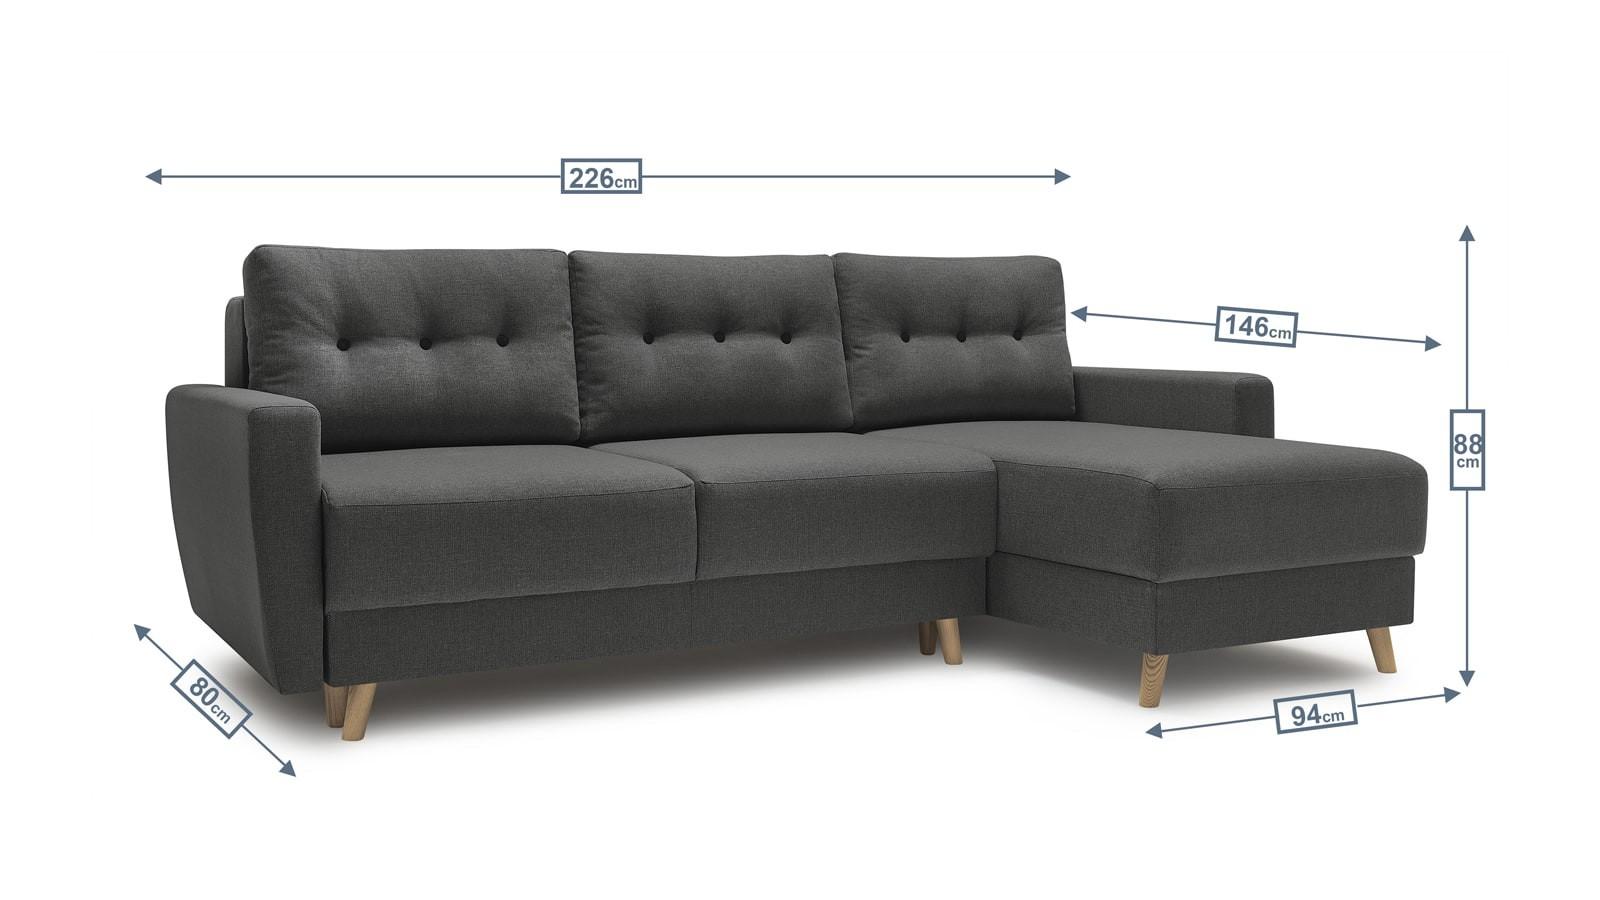 Canapé D'angle Convertible 3 Places En Tissu Gris Avec ... encequiconcerne Canapé Premium Confort Gris Anthracite